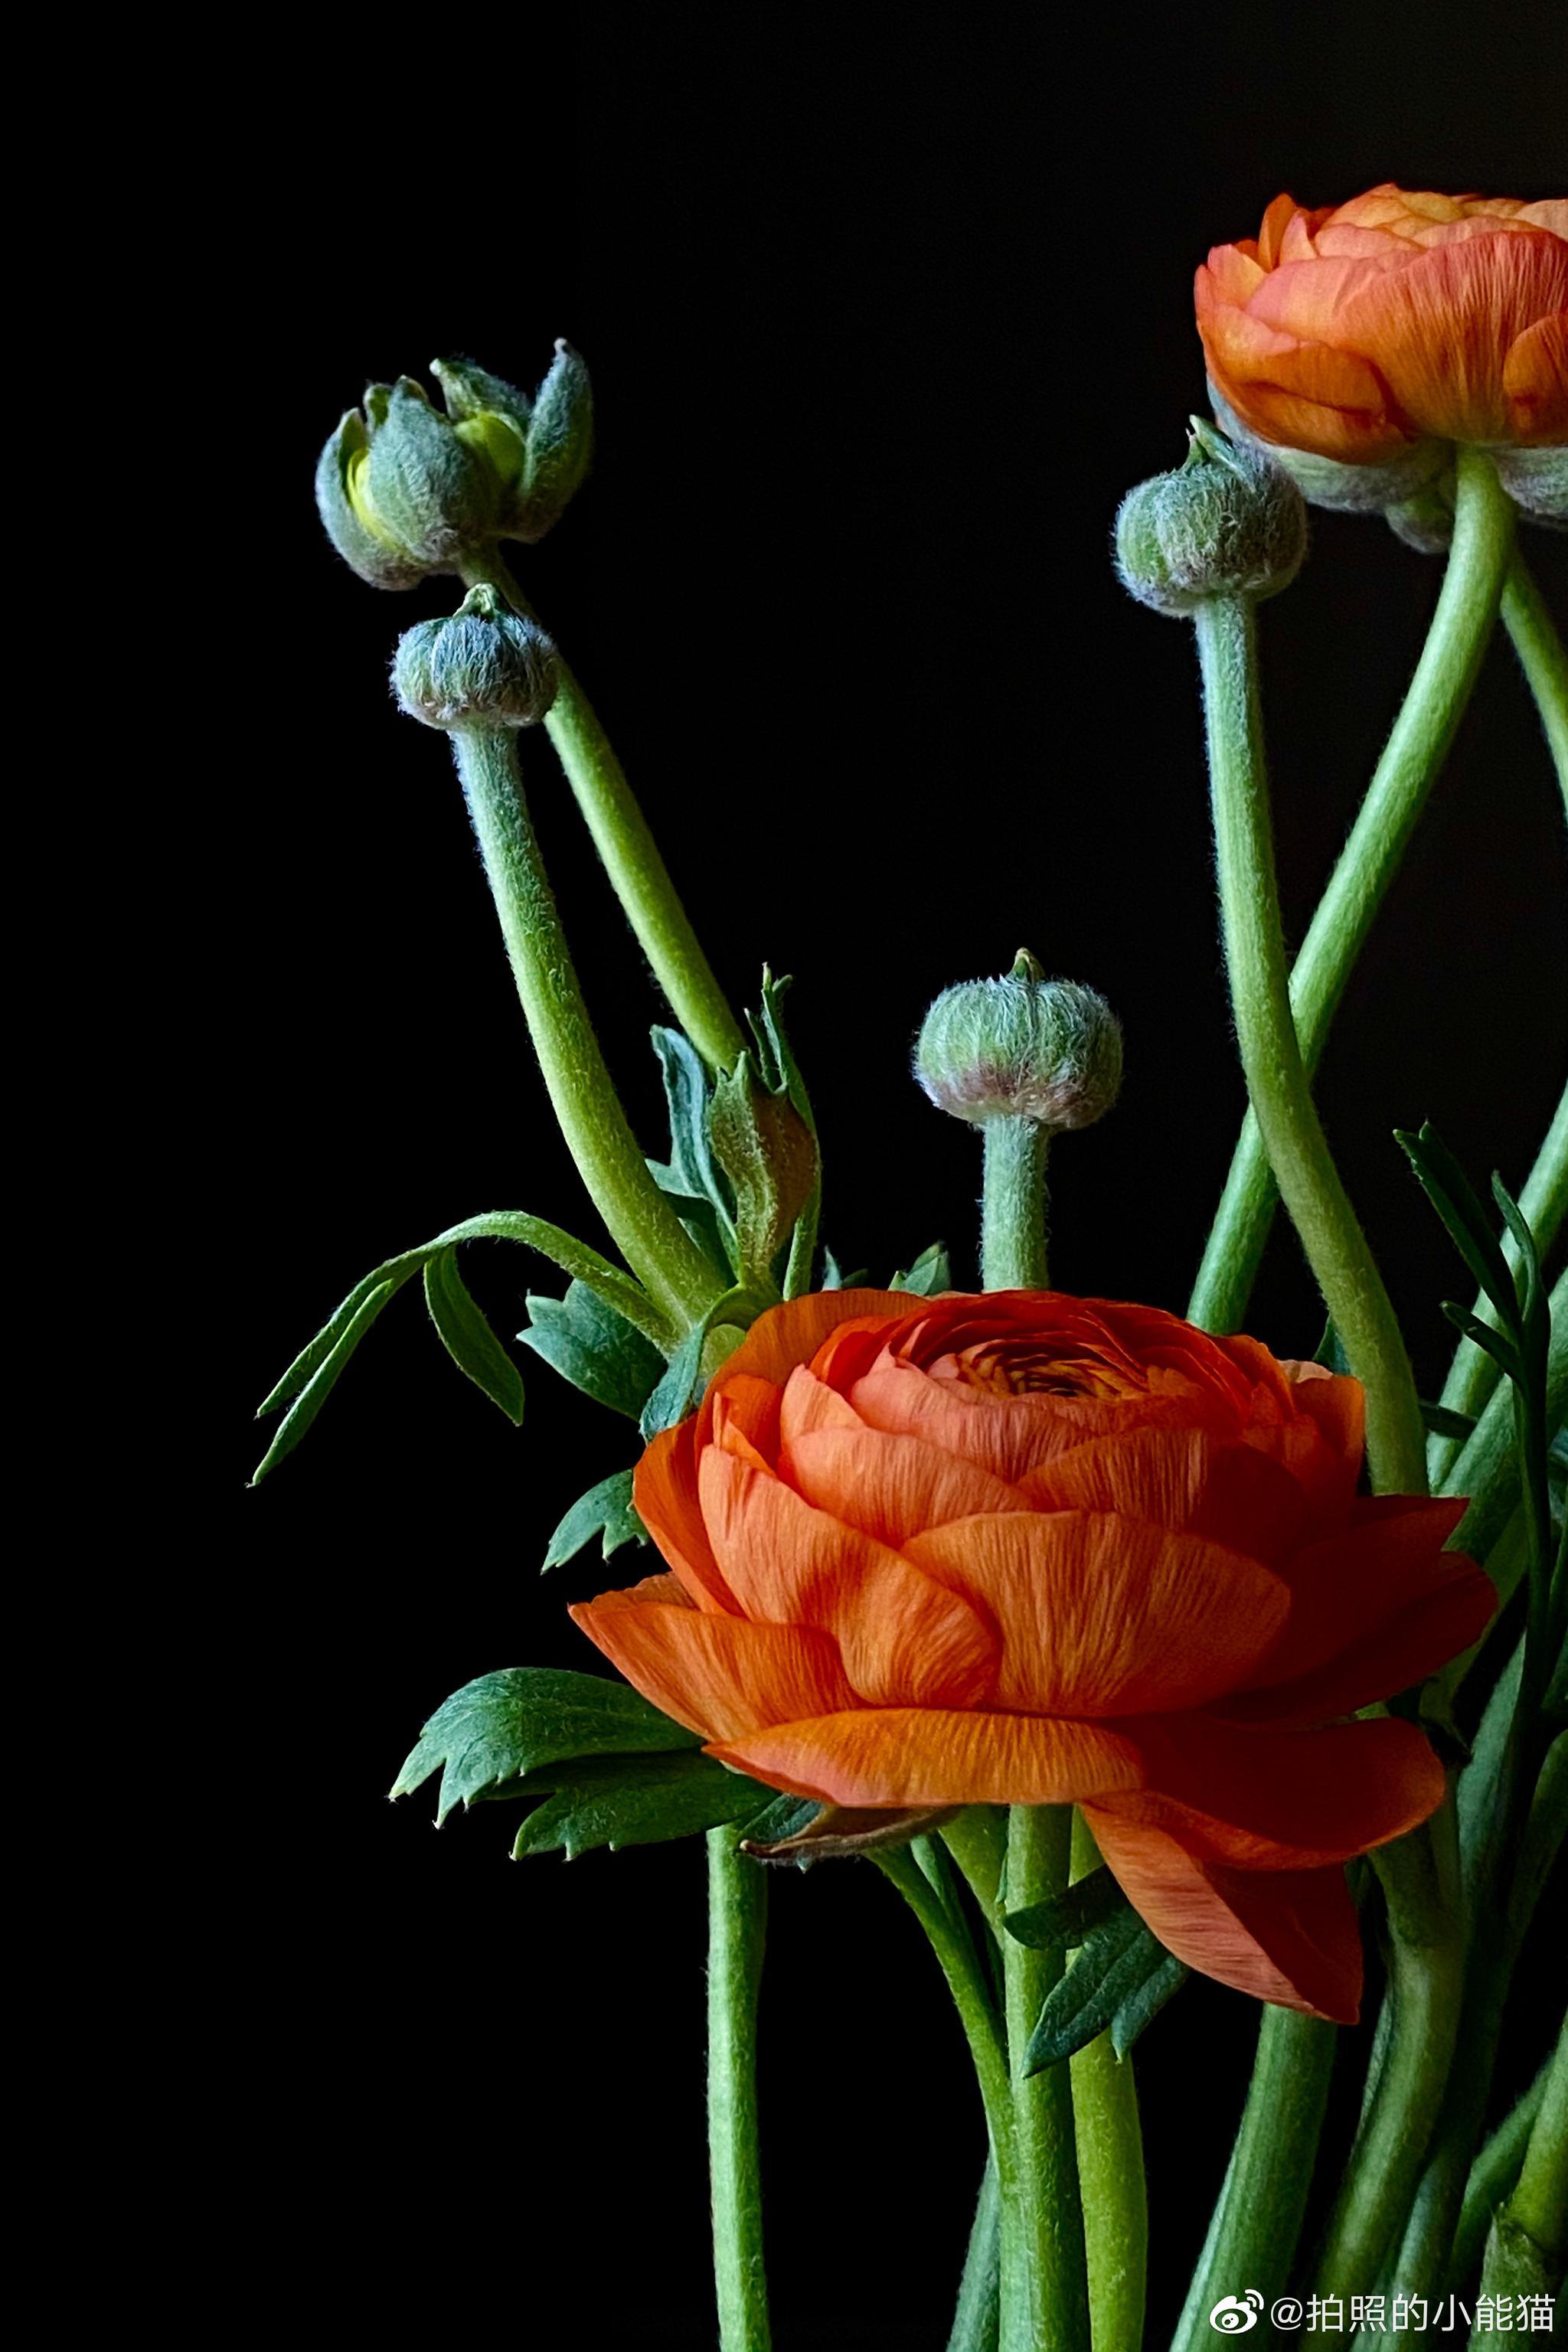 光线找的好,暗调没烦恼手机徒手拍暗调花花,为展示直接拍摄效果